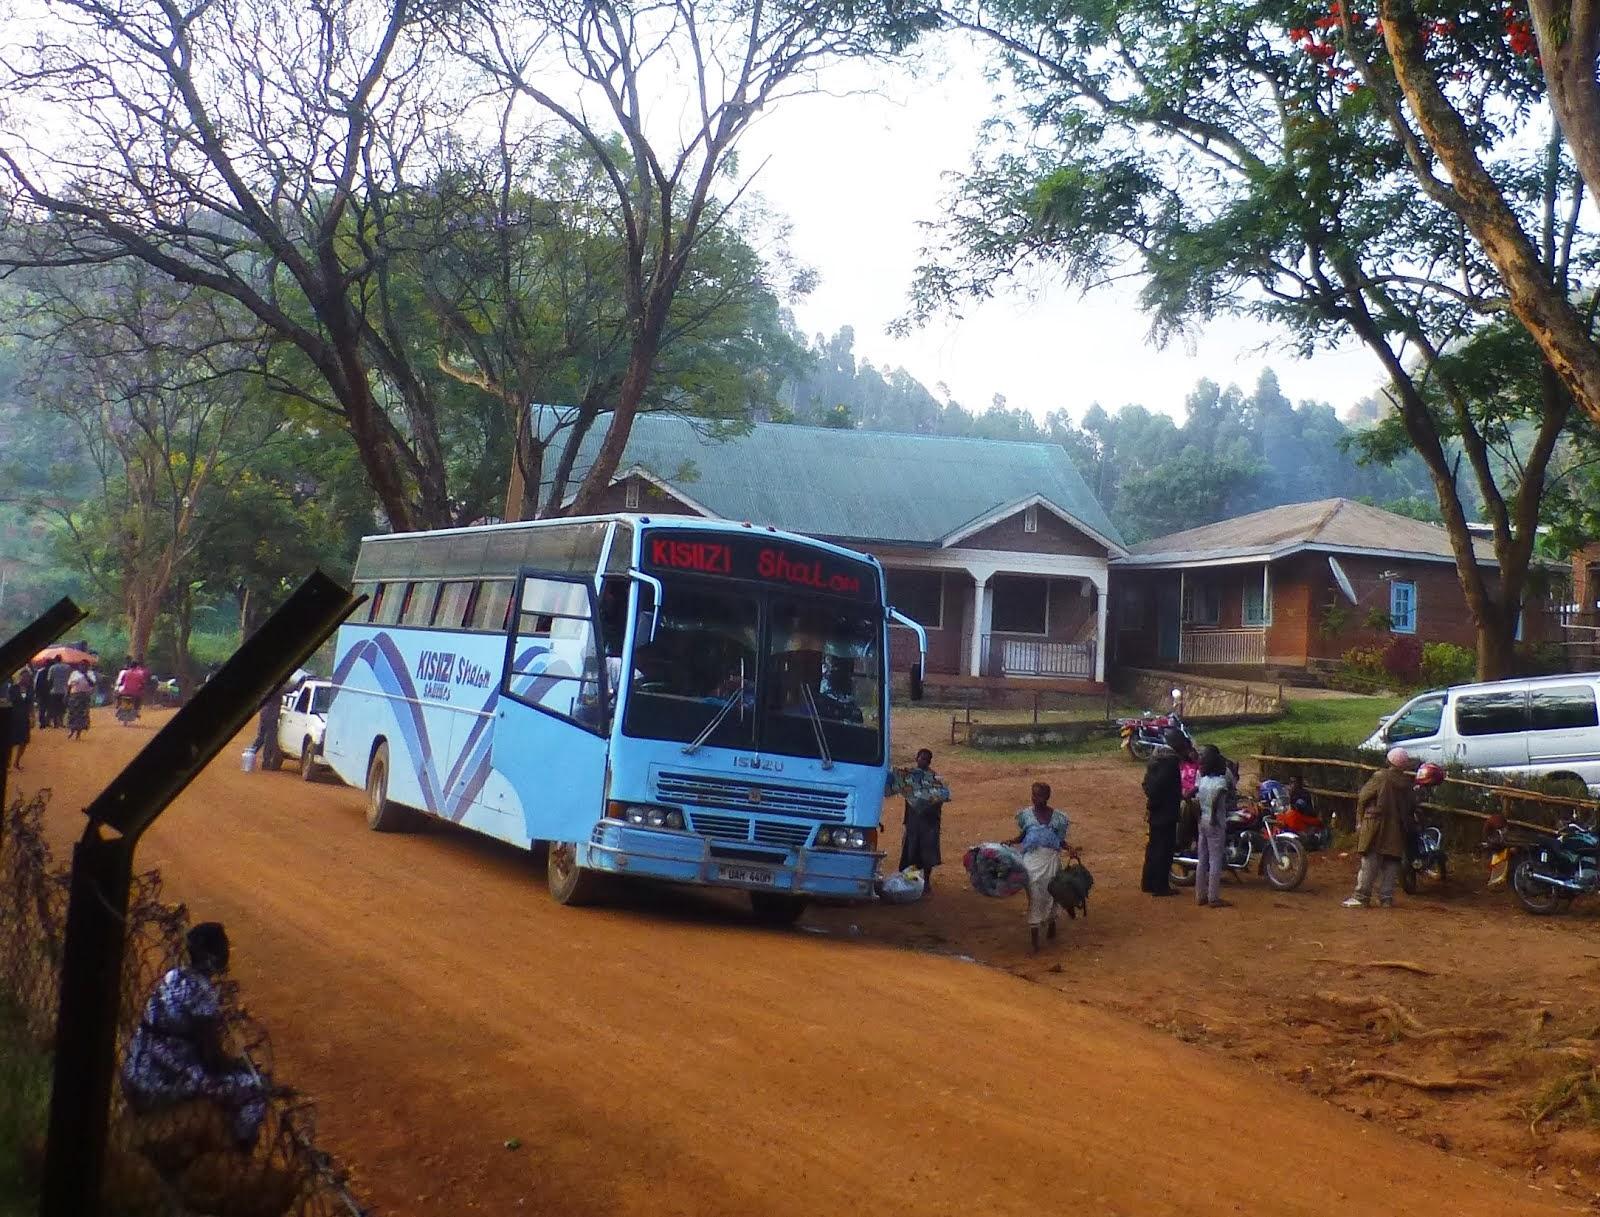 Kisiizi Shalom bus